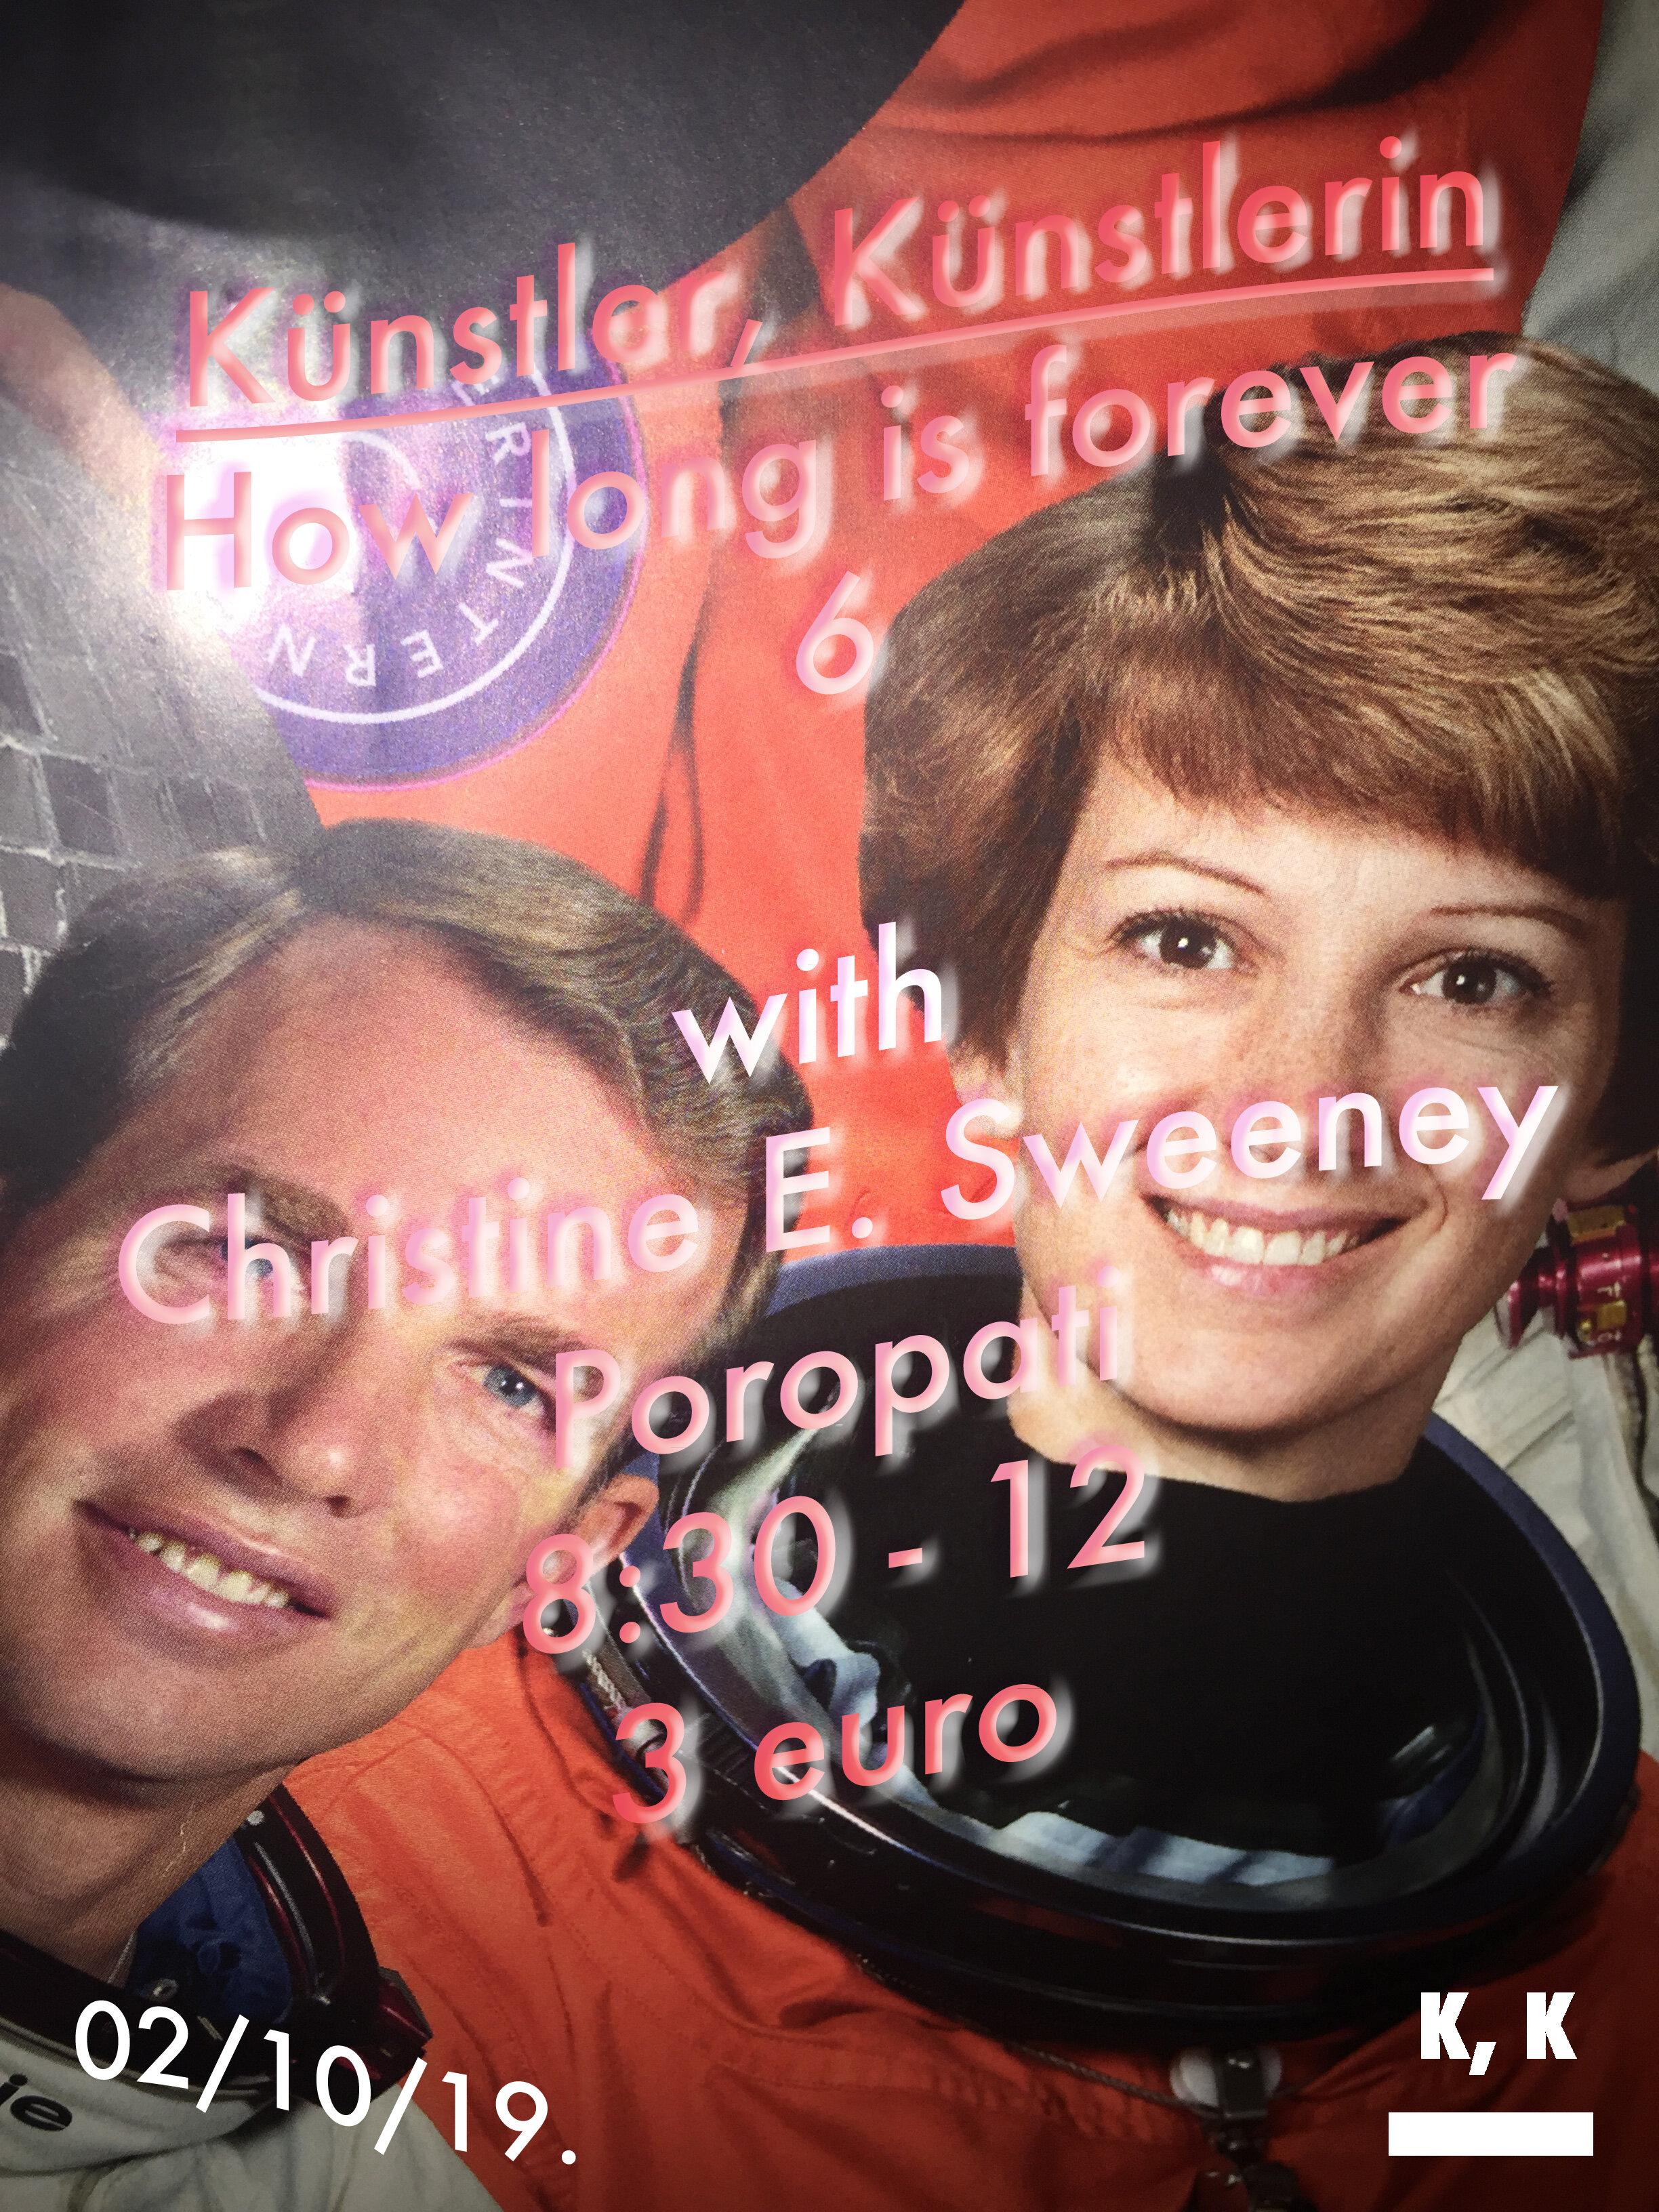 Kunstler, Kunstlerin, How long is forever 6 with Christine E. Sweeney.jpg